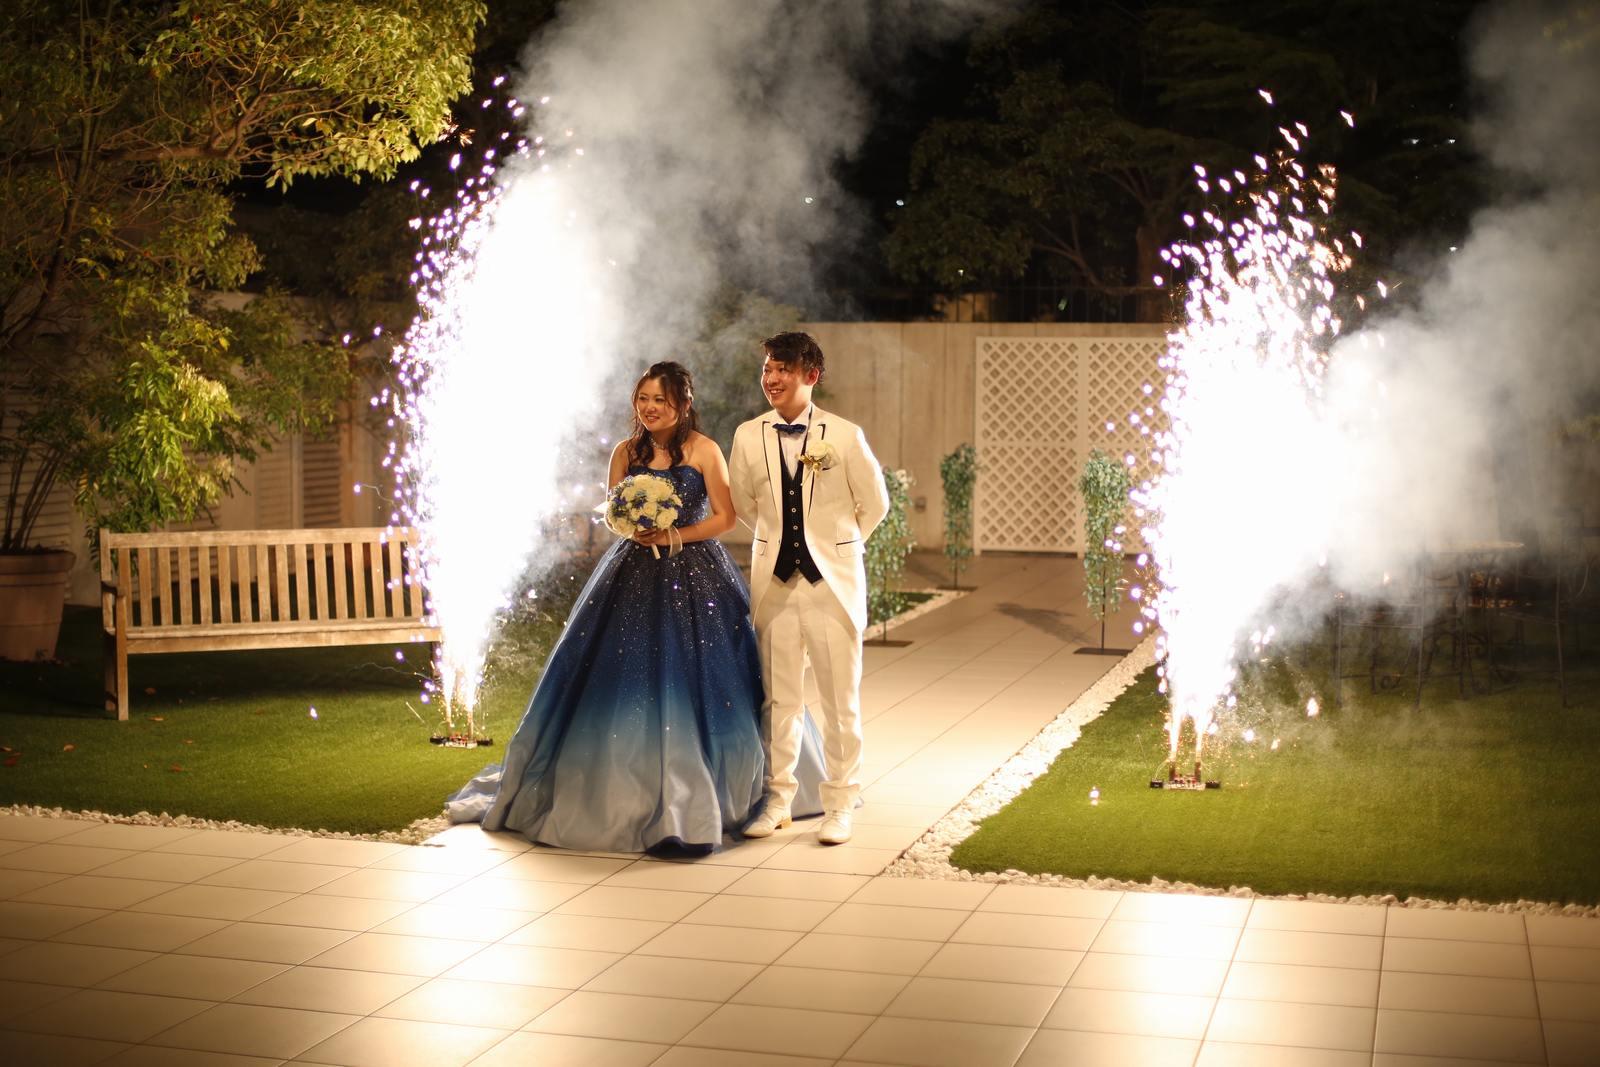 香川県高松市の結婚式場シェルエメール&アイスタイル お色直し入場